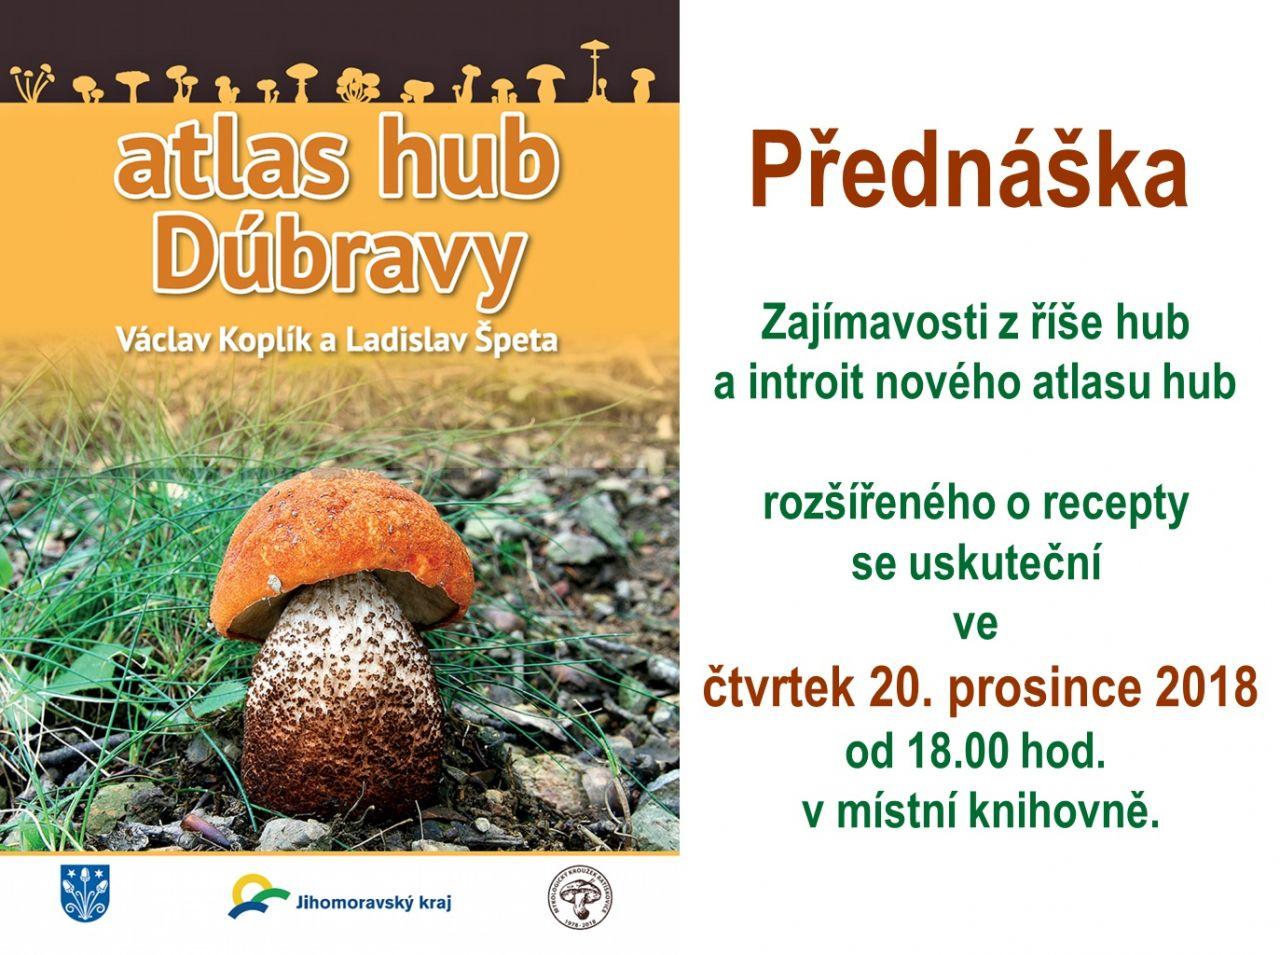 Přednáška - Zajímavosti z říše hub